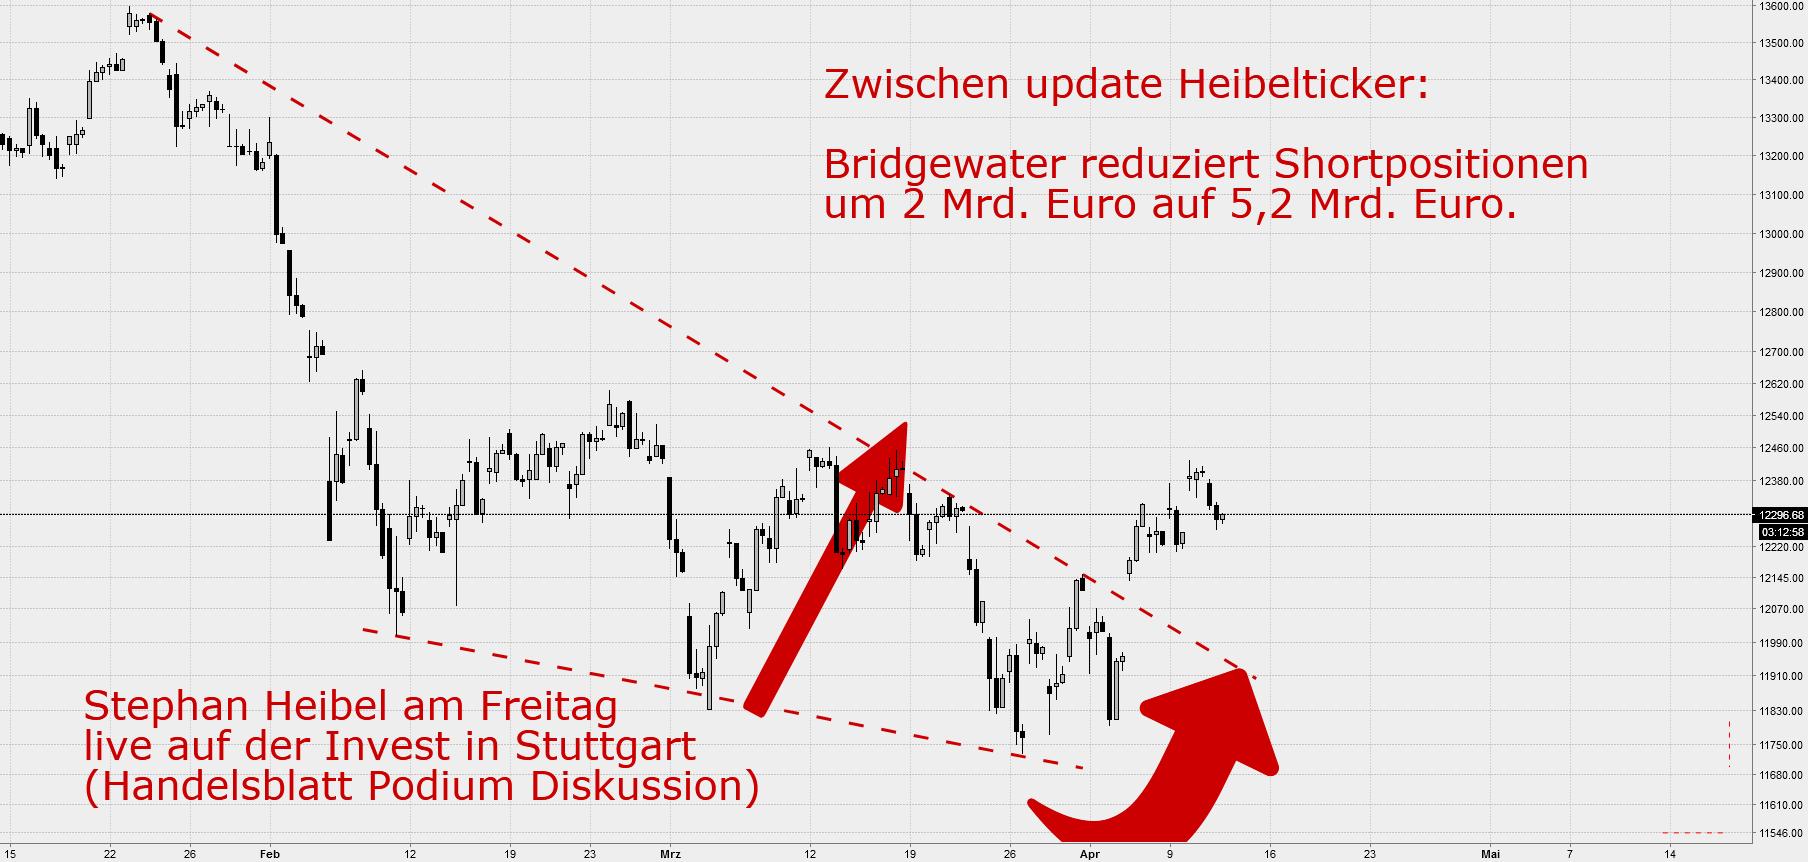 BRIDGEWATER reduziert netto short Positionen um 2 Mrd. Euro